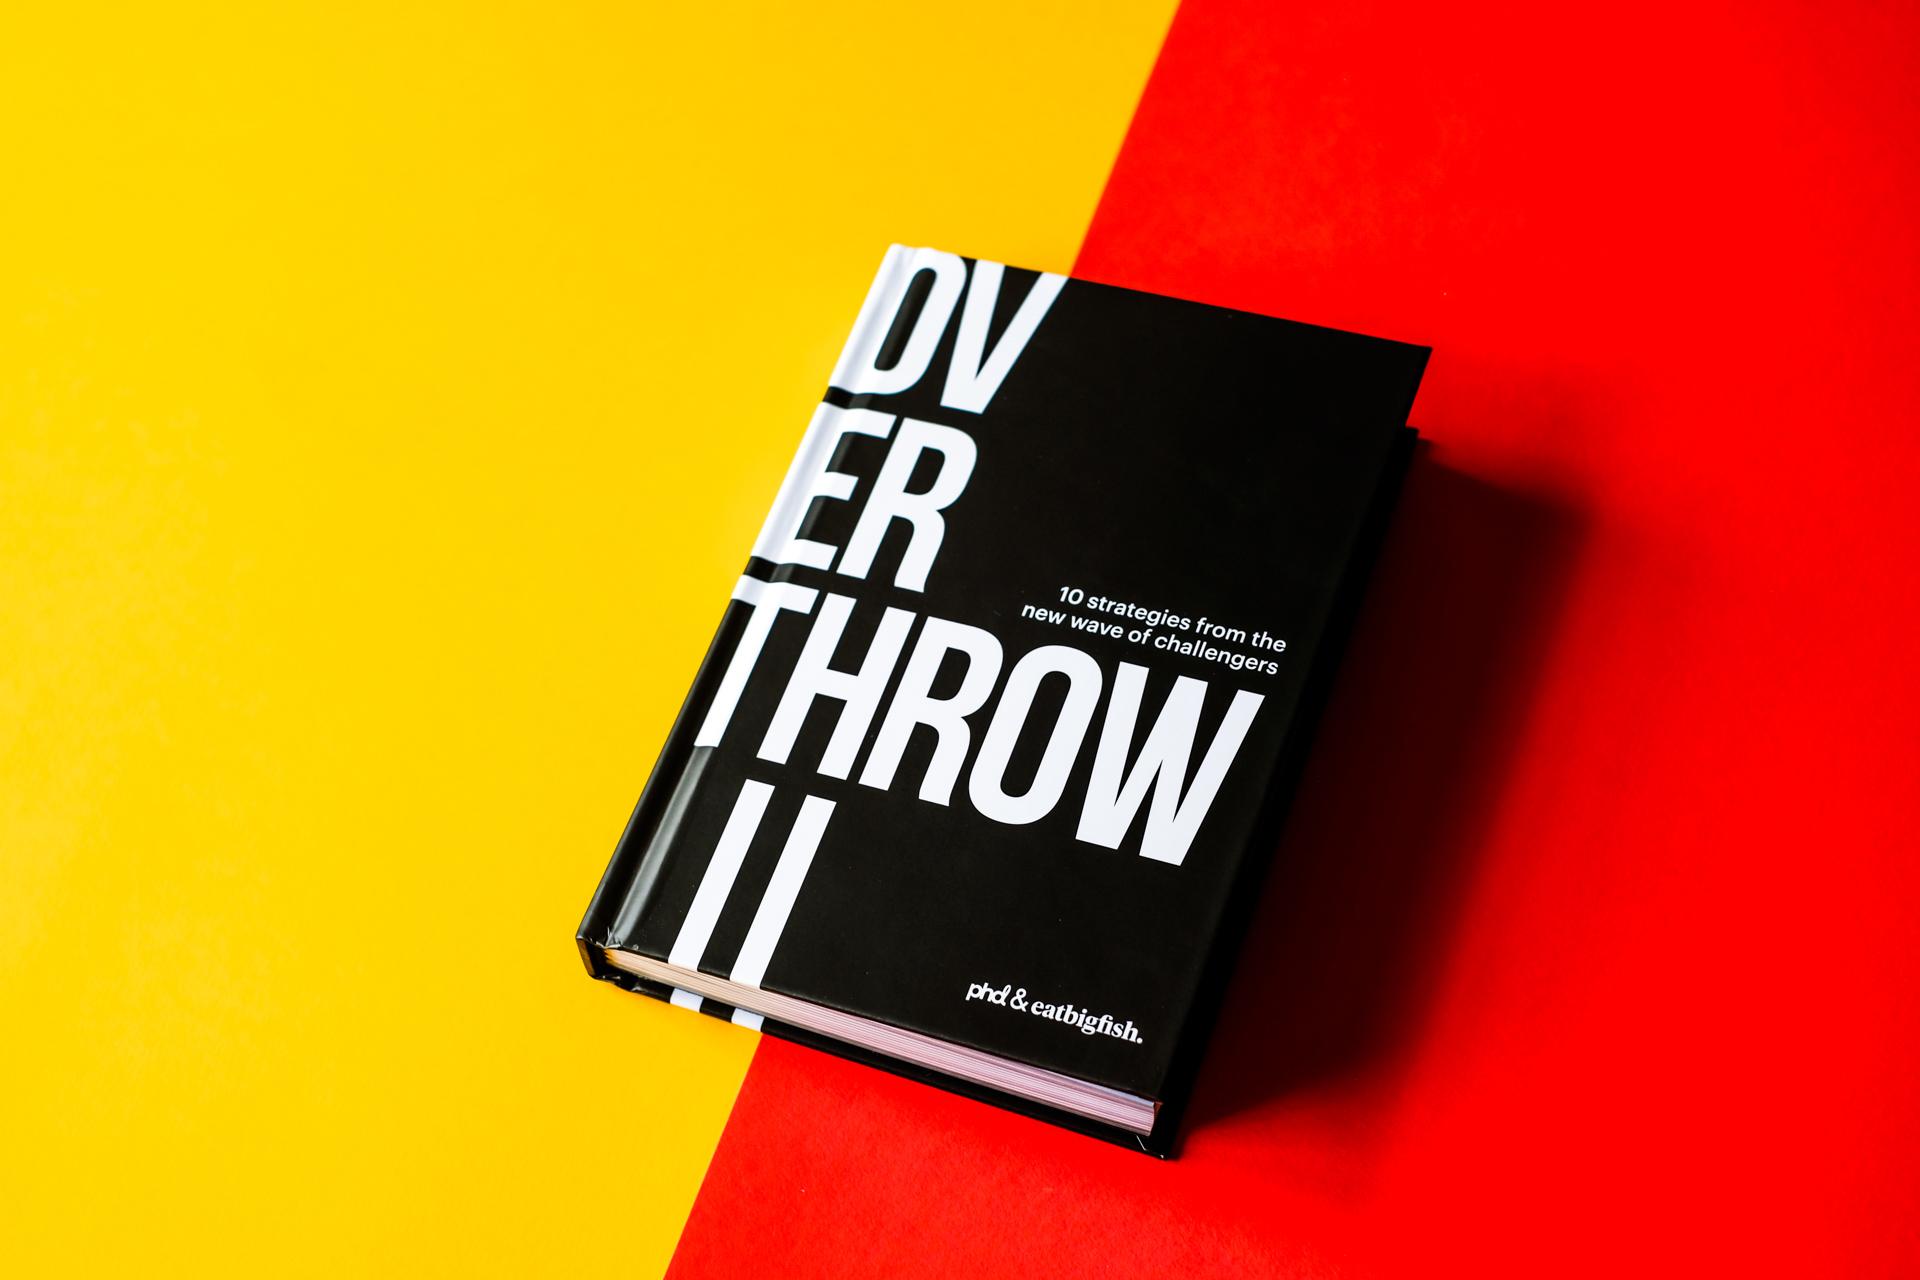 Overthrow II, by eatbigfish & PHD.